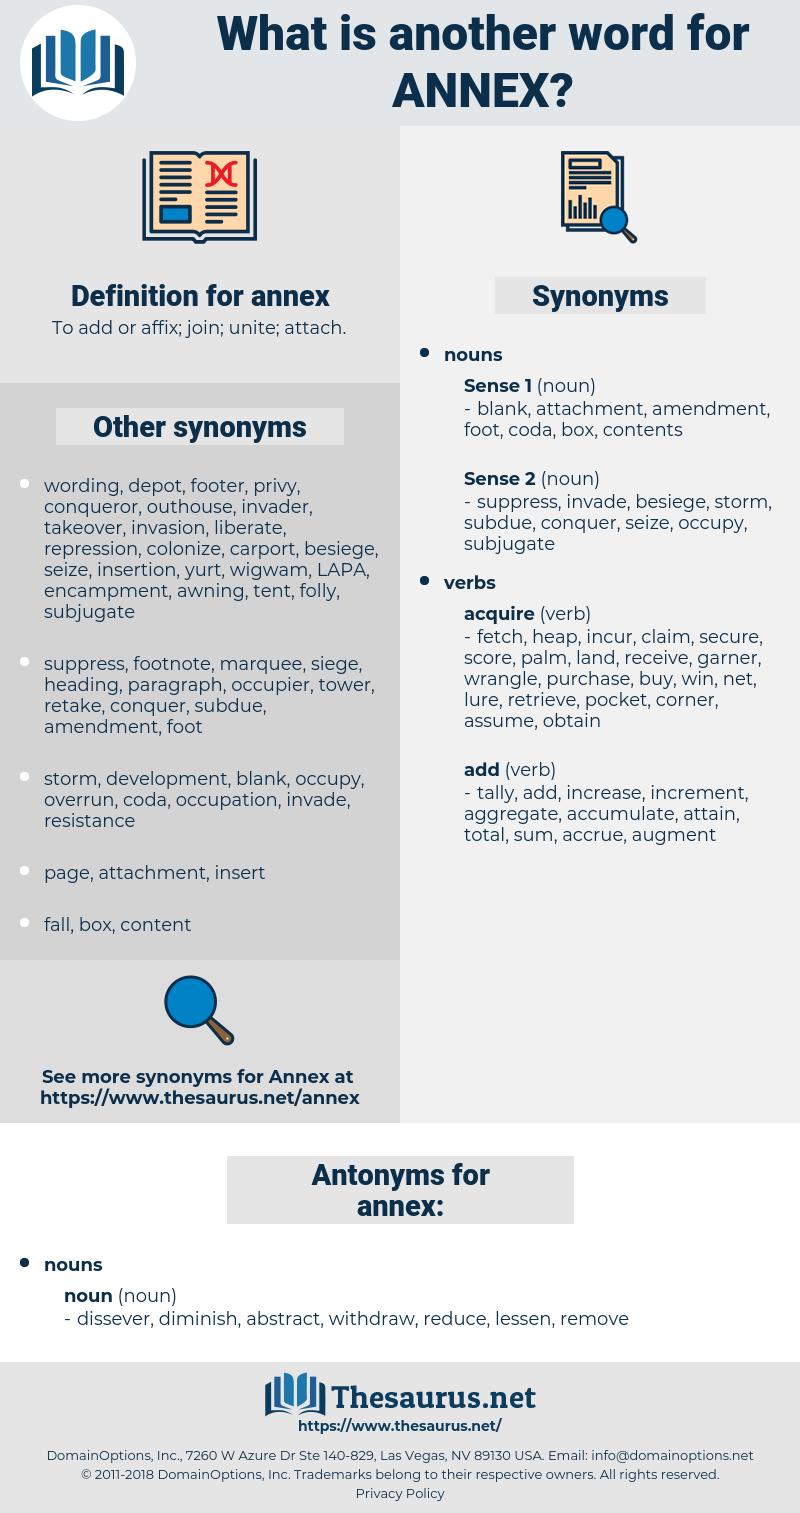 annex, synonym annex, another word for annex, words like annex, thesaurus annex